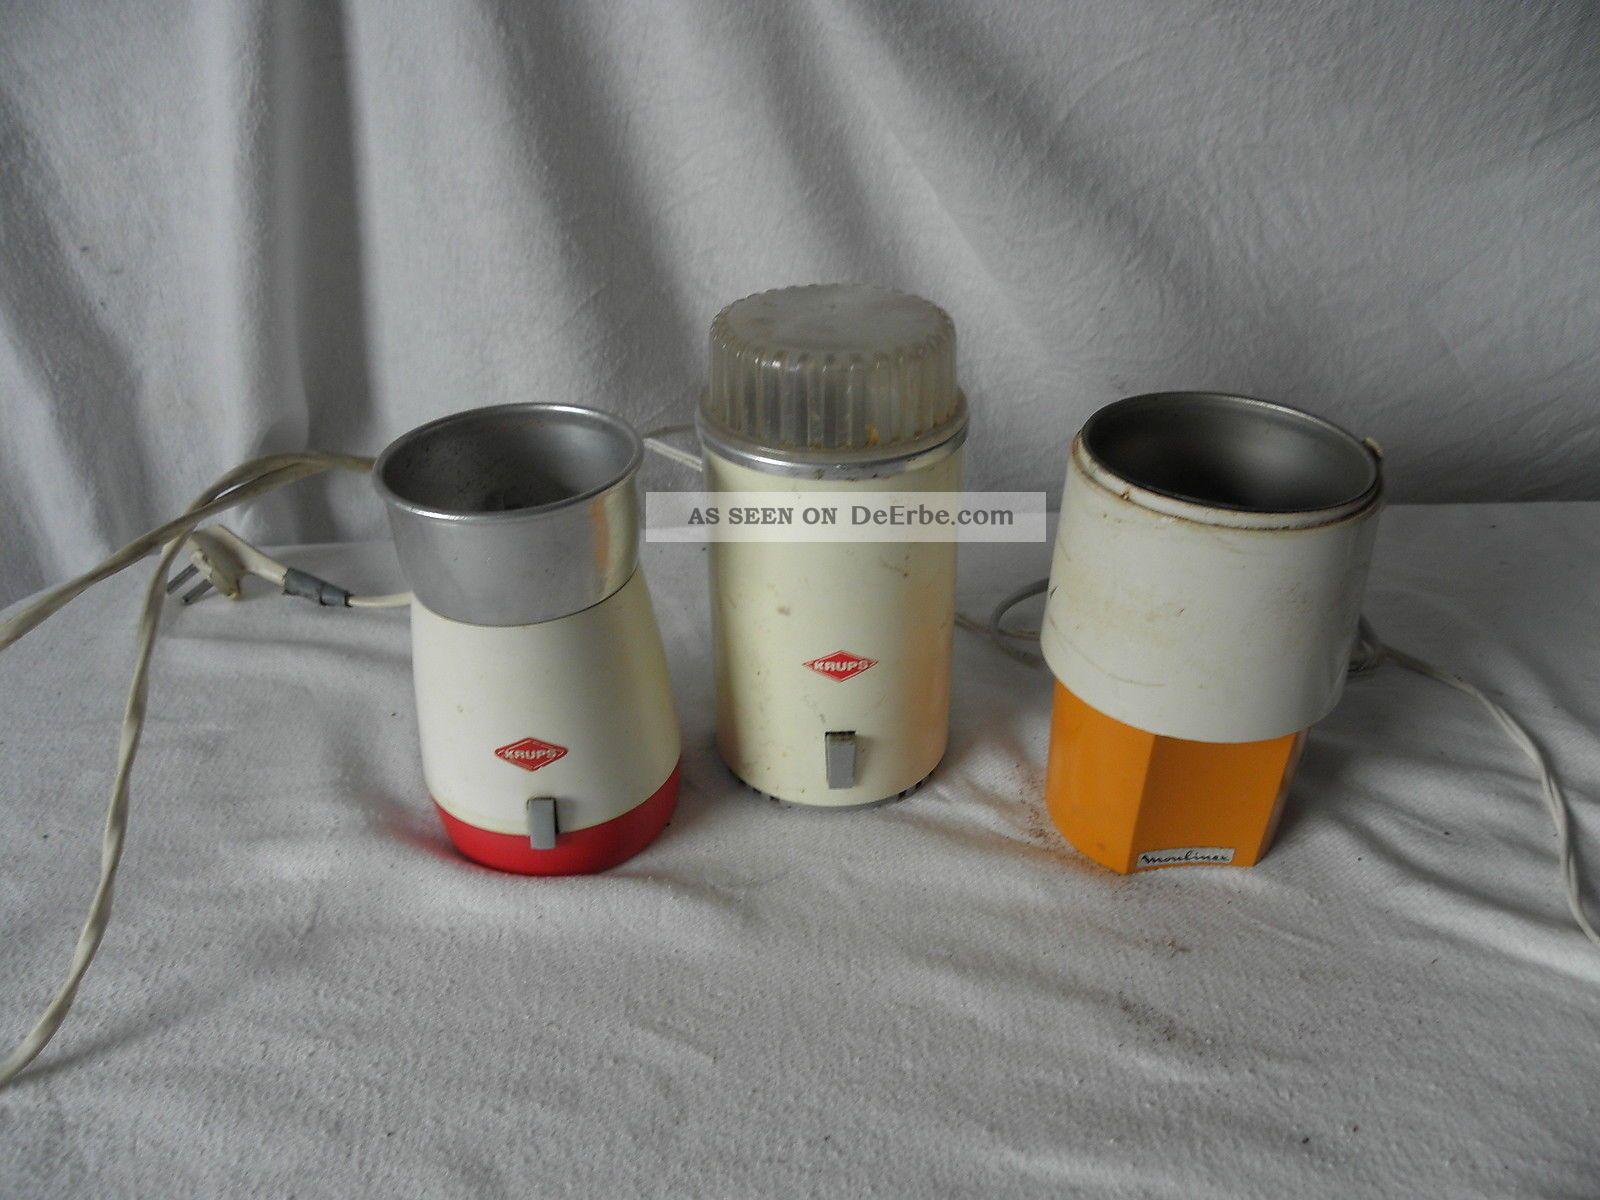 Konvolut Drei Elektrische Kaffeemühlen Krups,  Krups Und Moulinex Haushalt Bild